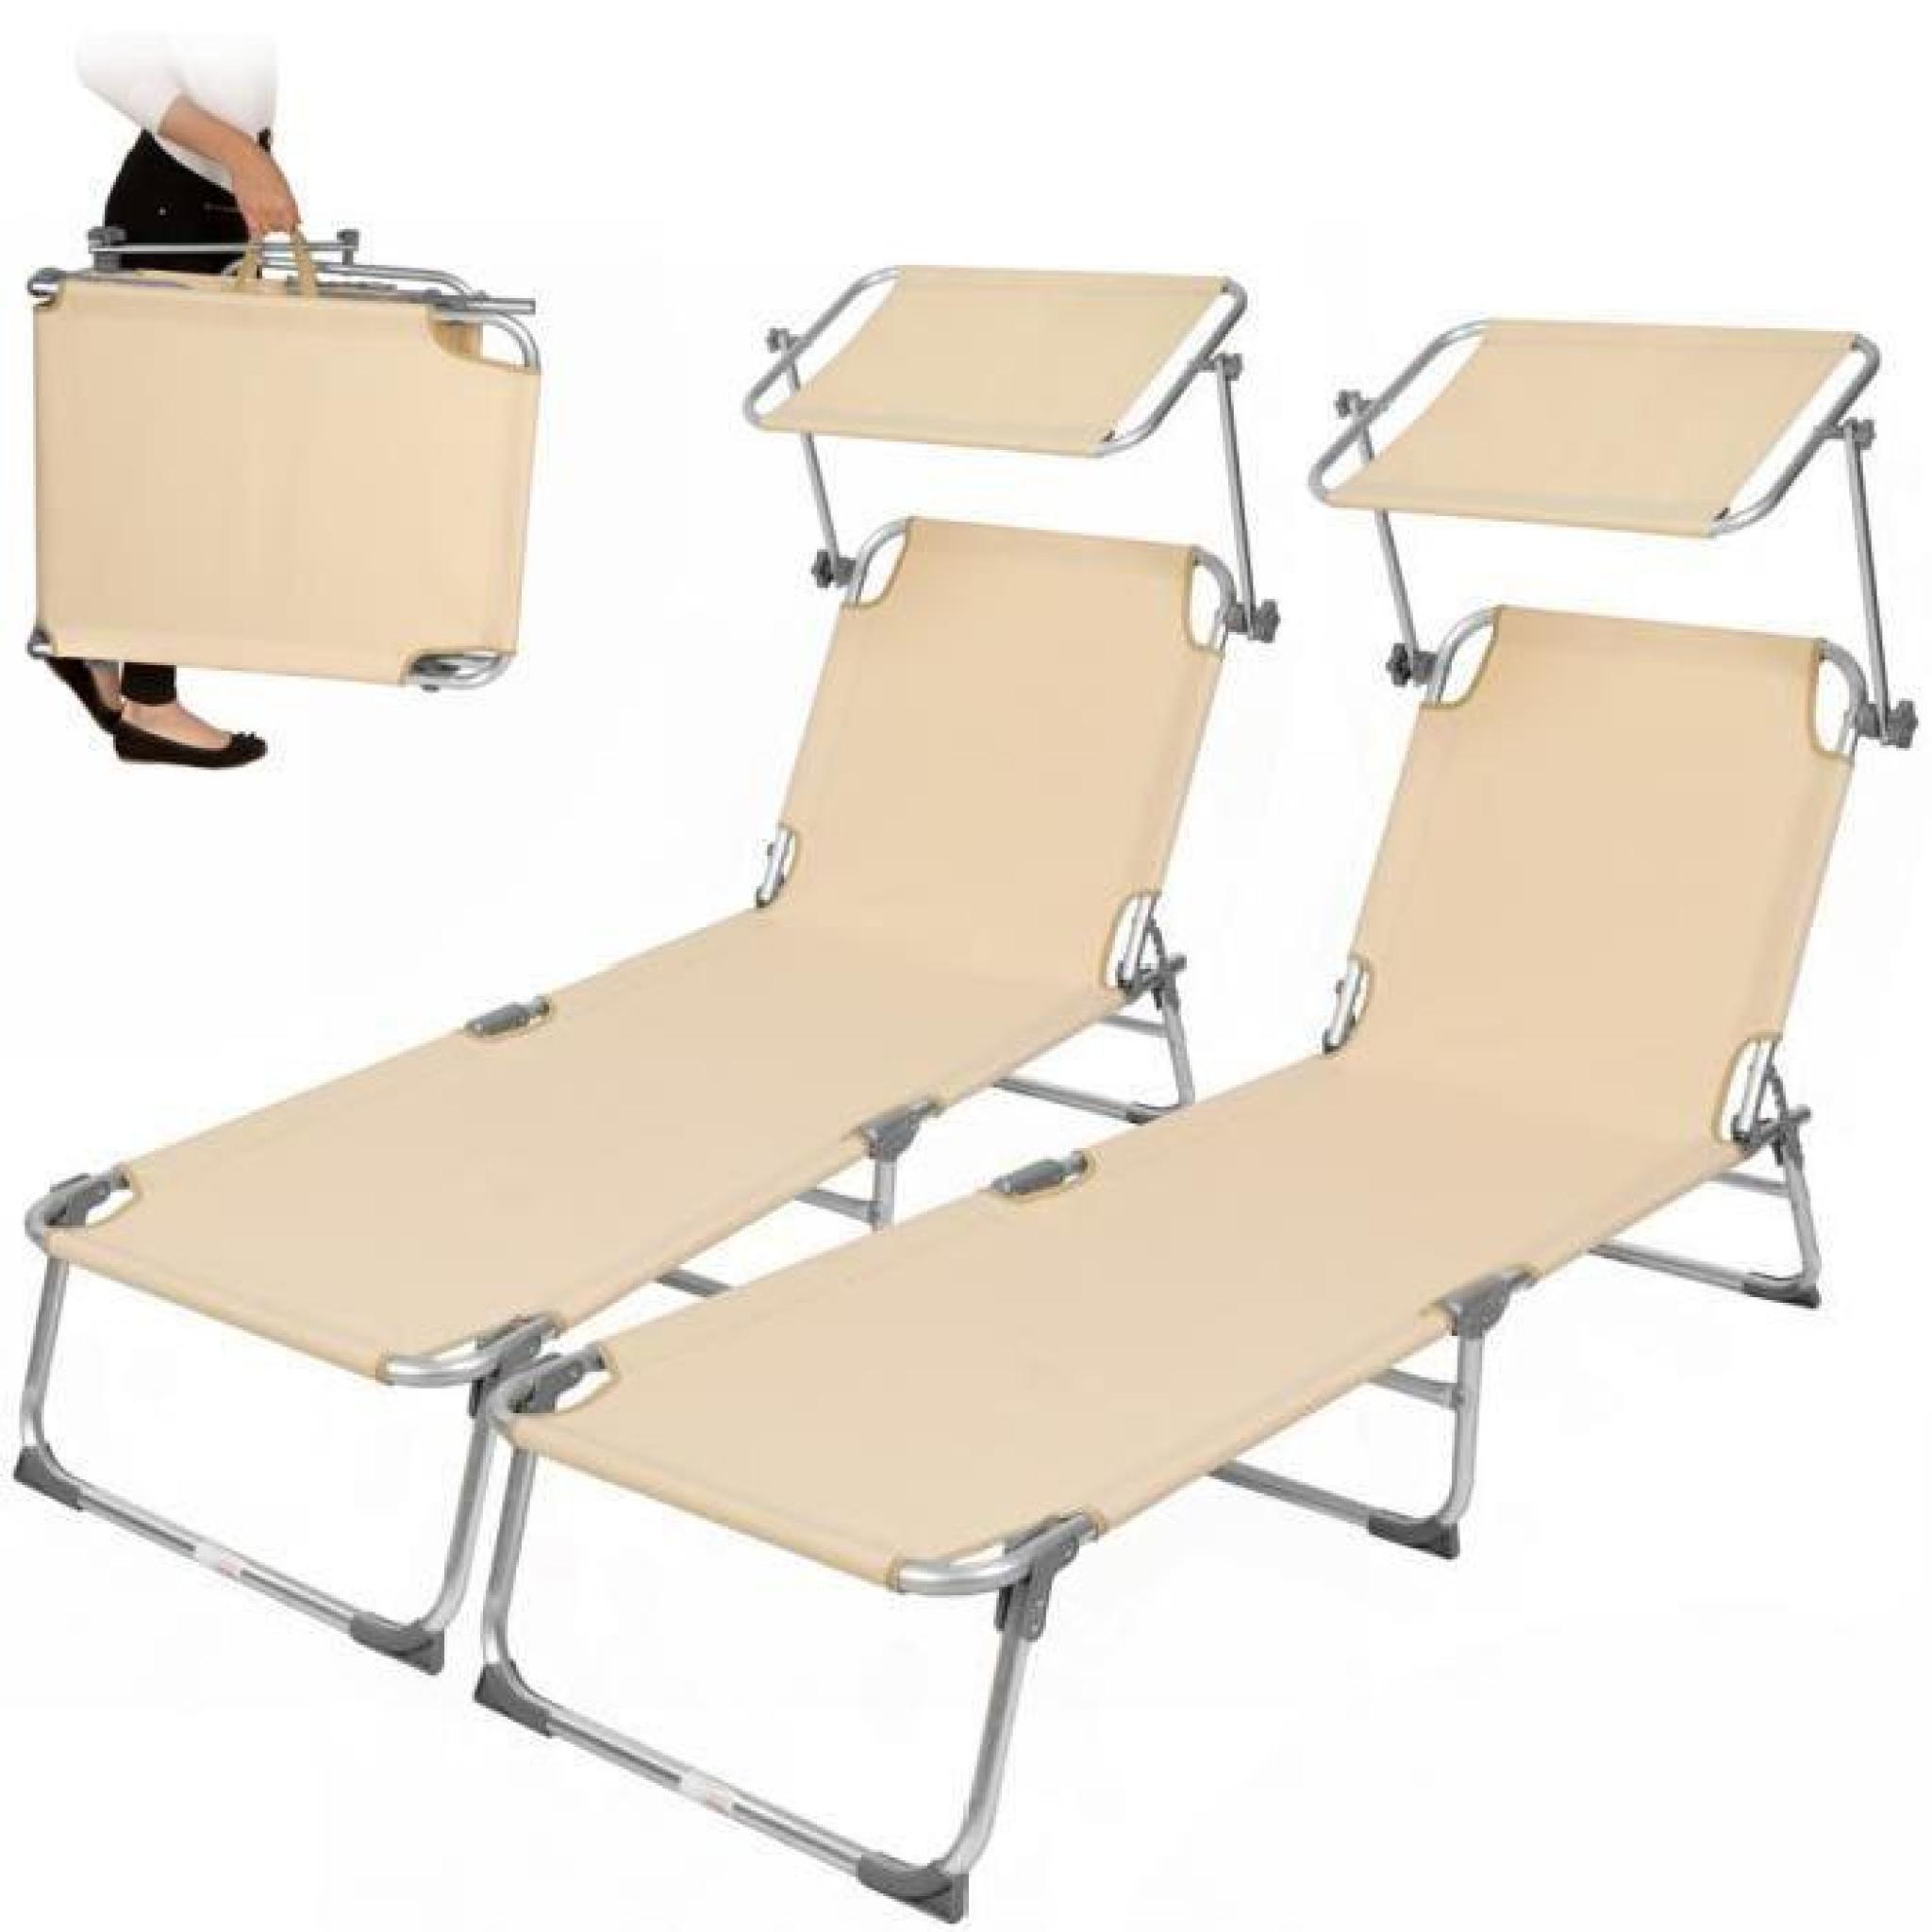 chaise longue transat bain de soleil pare soleil multi positions pliable 190 cm beige. Black Bedroom Furniture Sets. Home Design Ideas